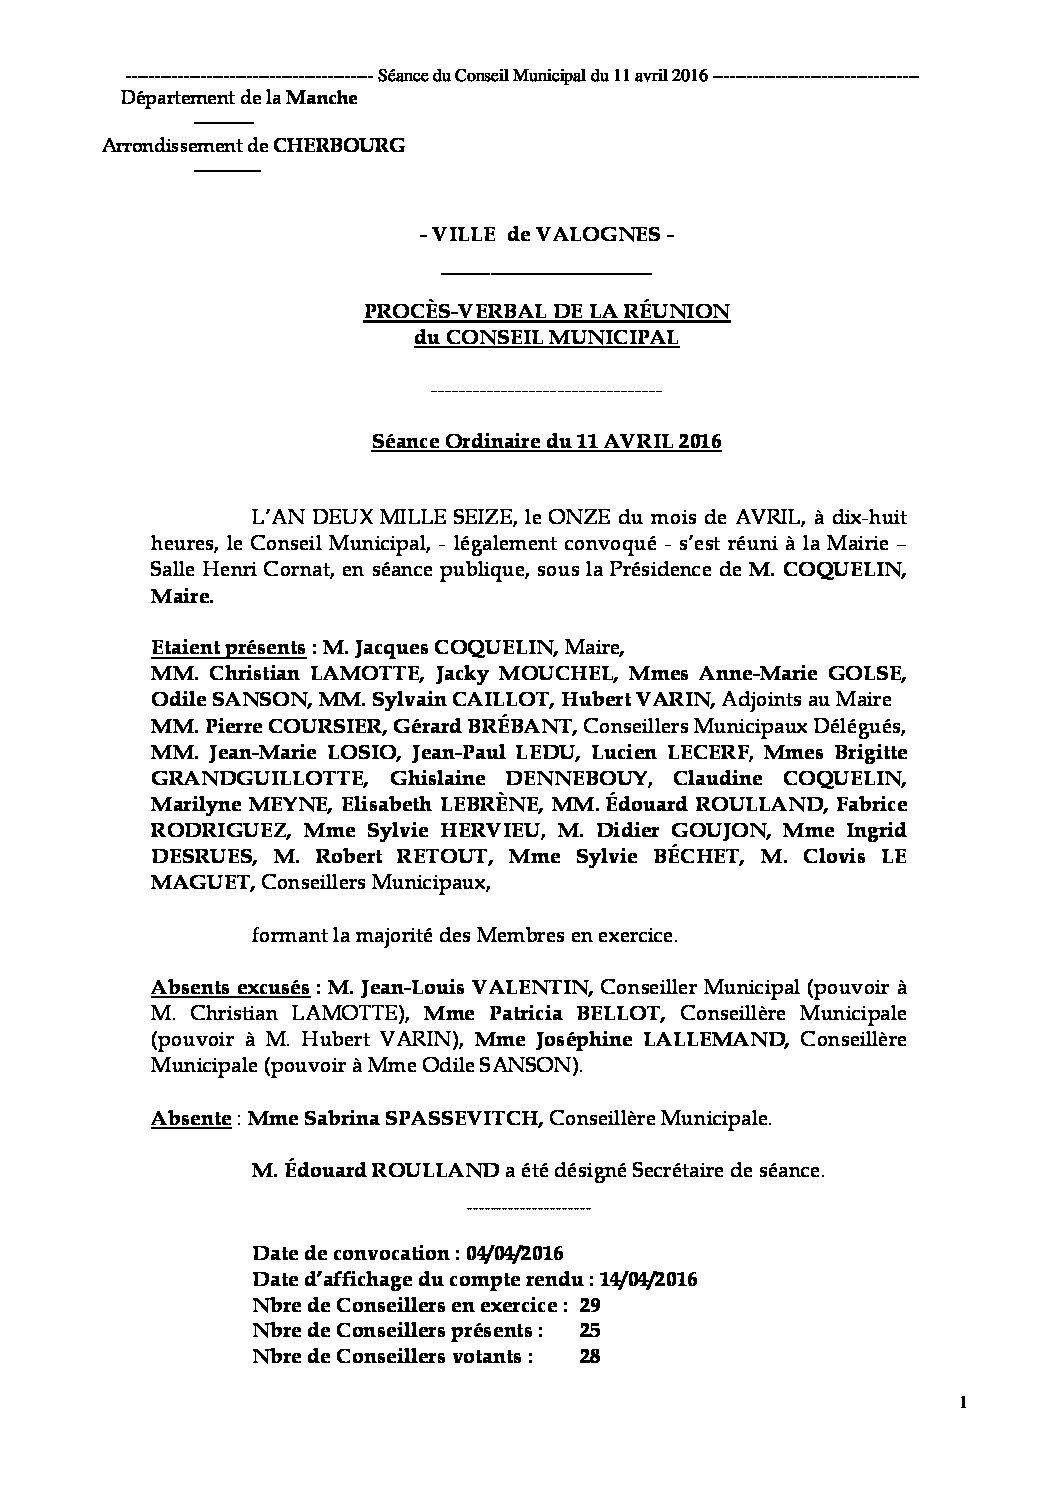 Procès-verbal du 11-04-2016 - Procès-verbal de la réunion du Conseil Municipal du 11 avril 2016, approuvé lors de la séance du 28 juin 2016.